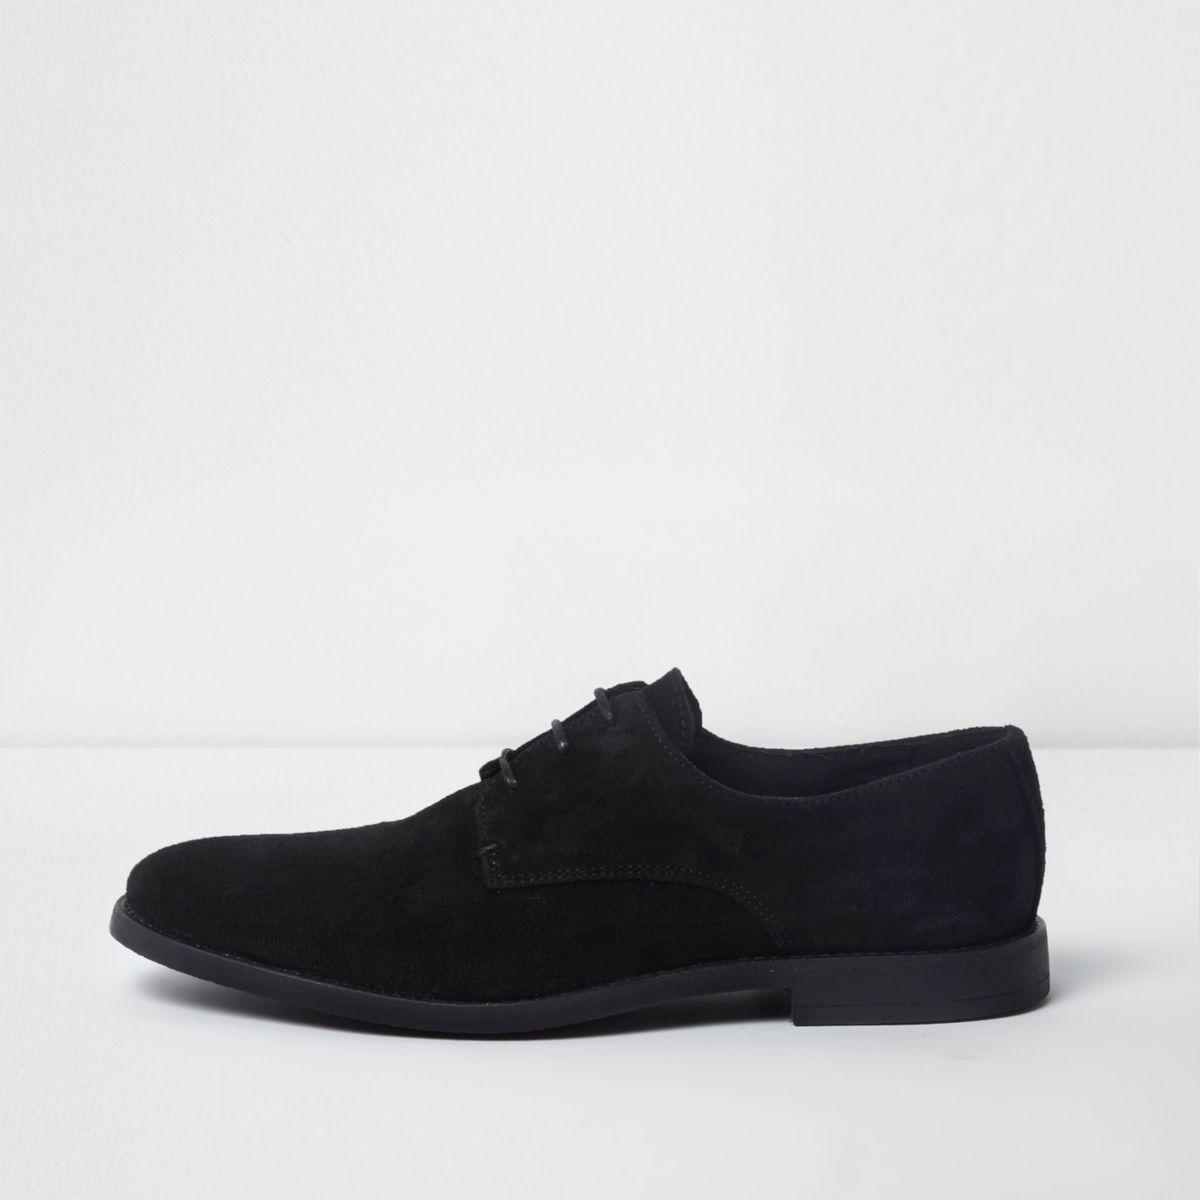 Zwartsuède Derby-schoenen met veters